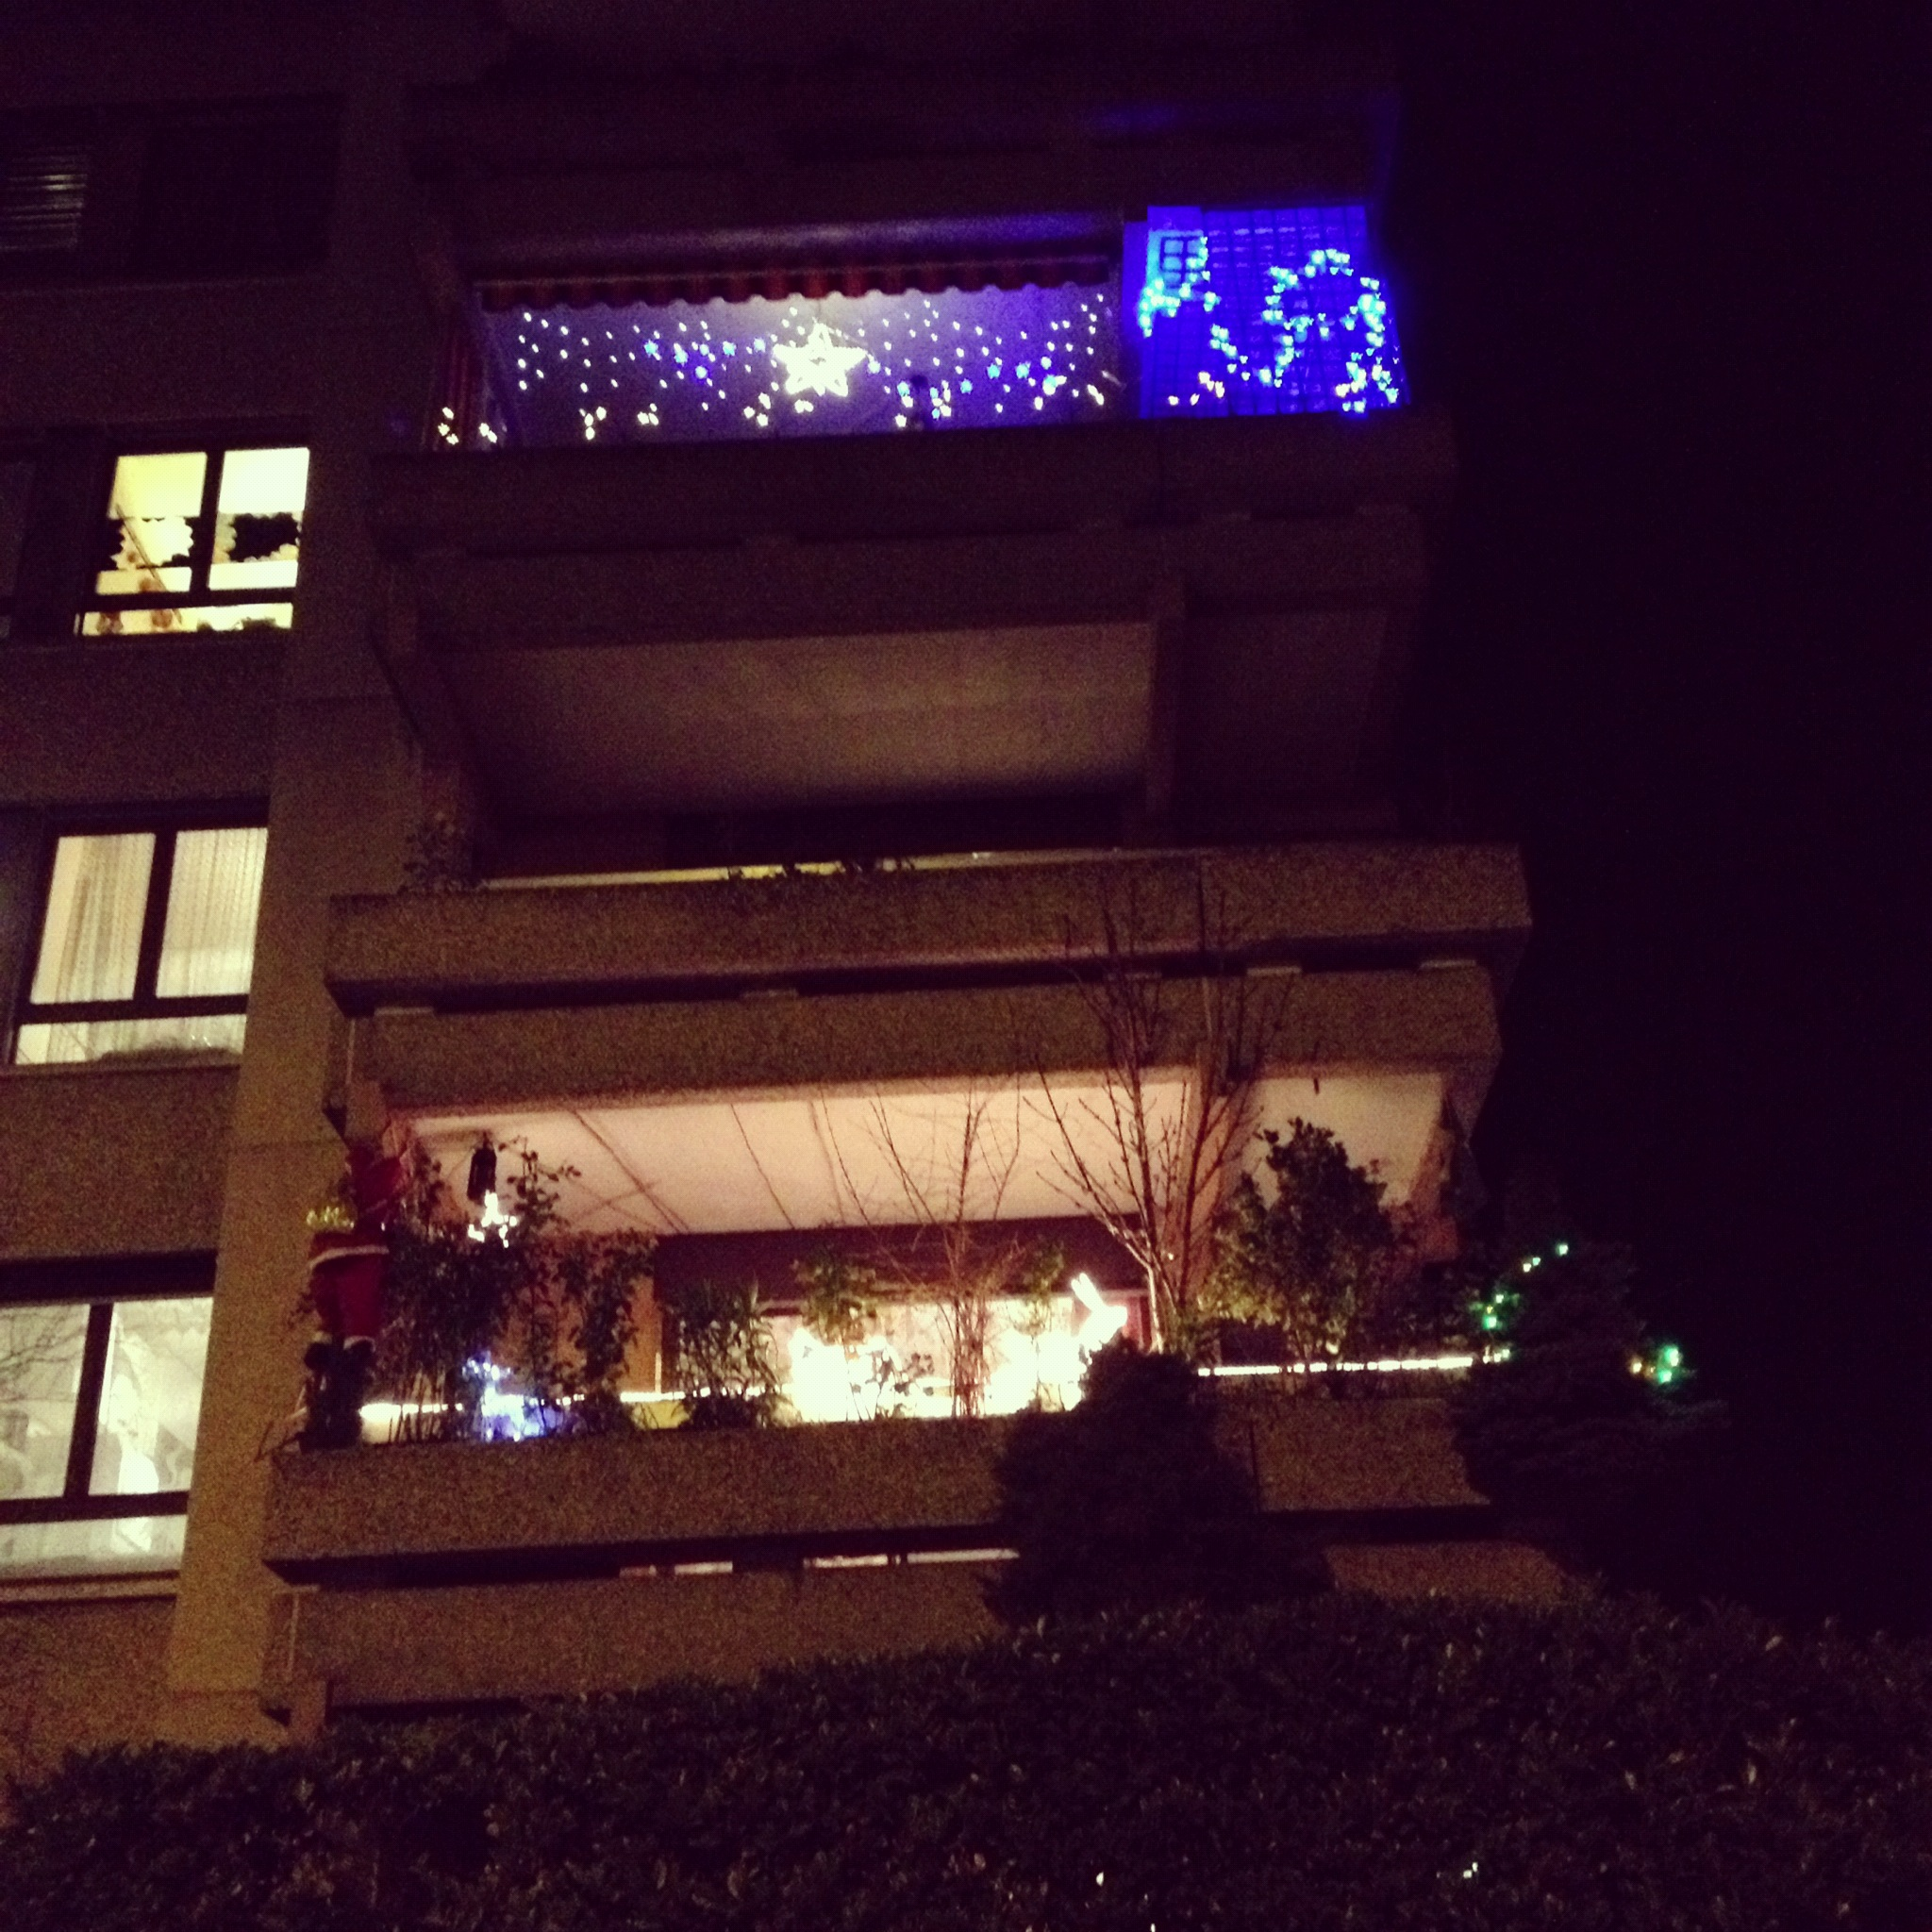 #2F07C4 Les Trois Chêne à L'heure Des Décorations De Noël Signé  5435 decorations de noel geneve 2048x2048 px @ aertt.com